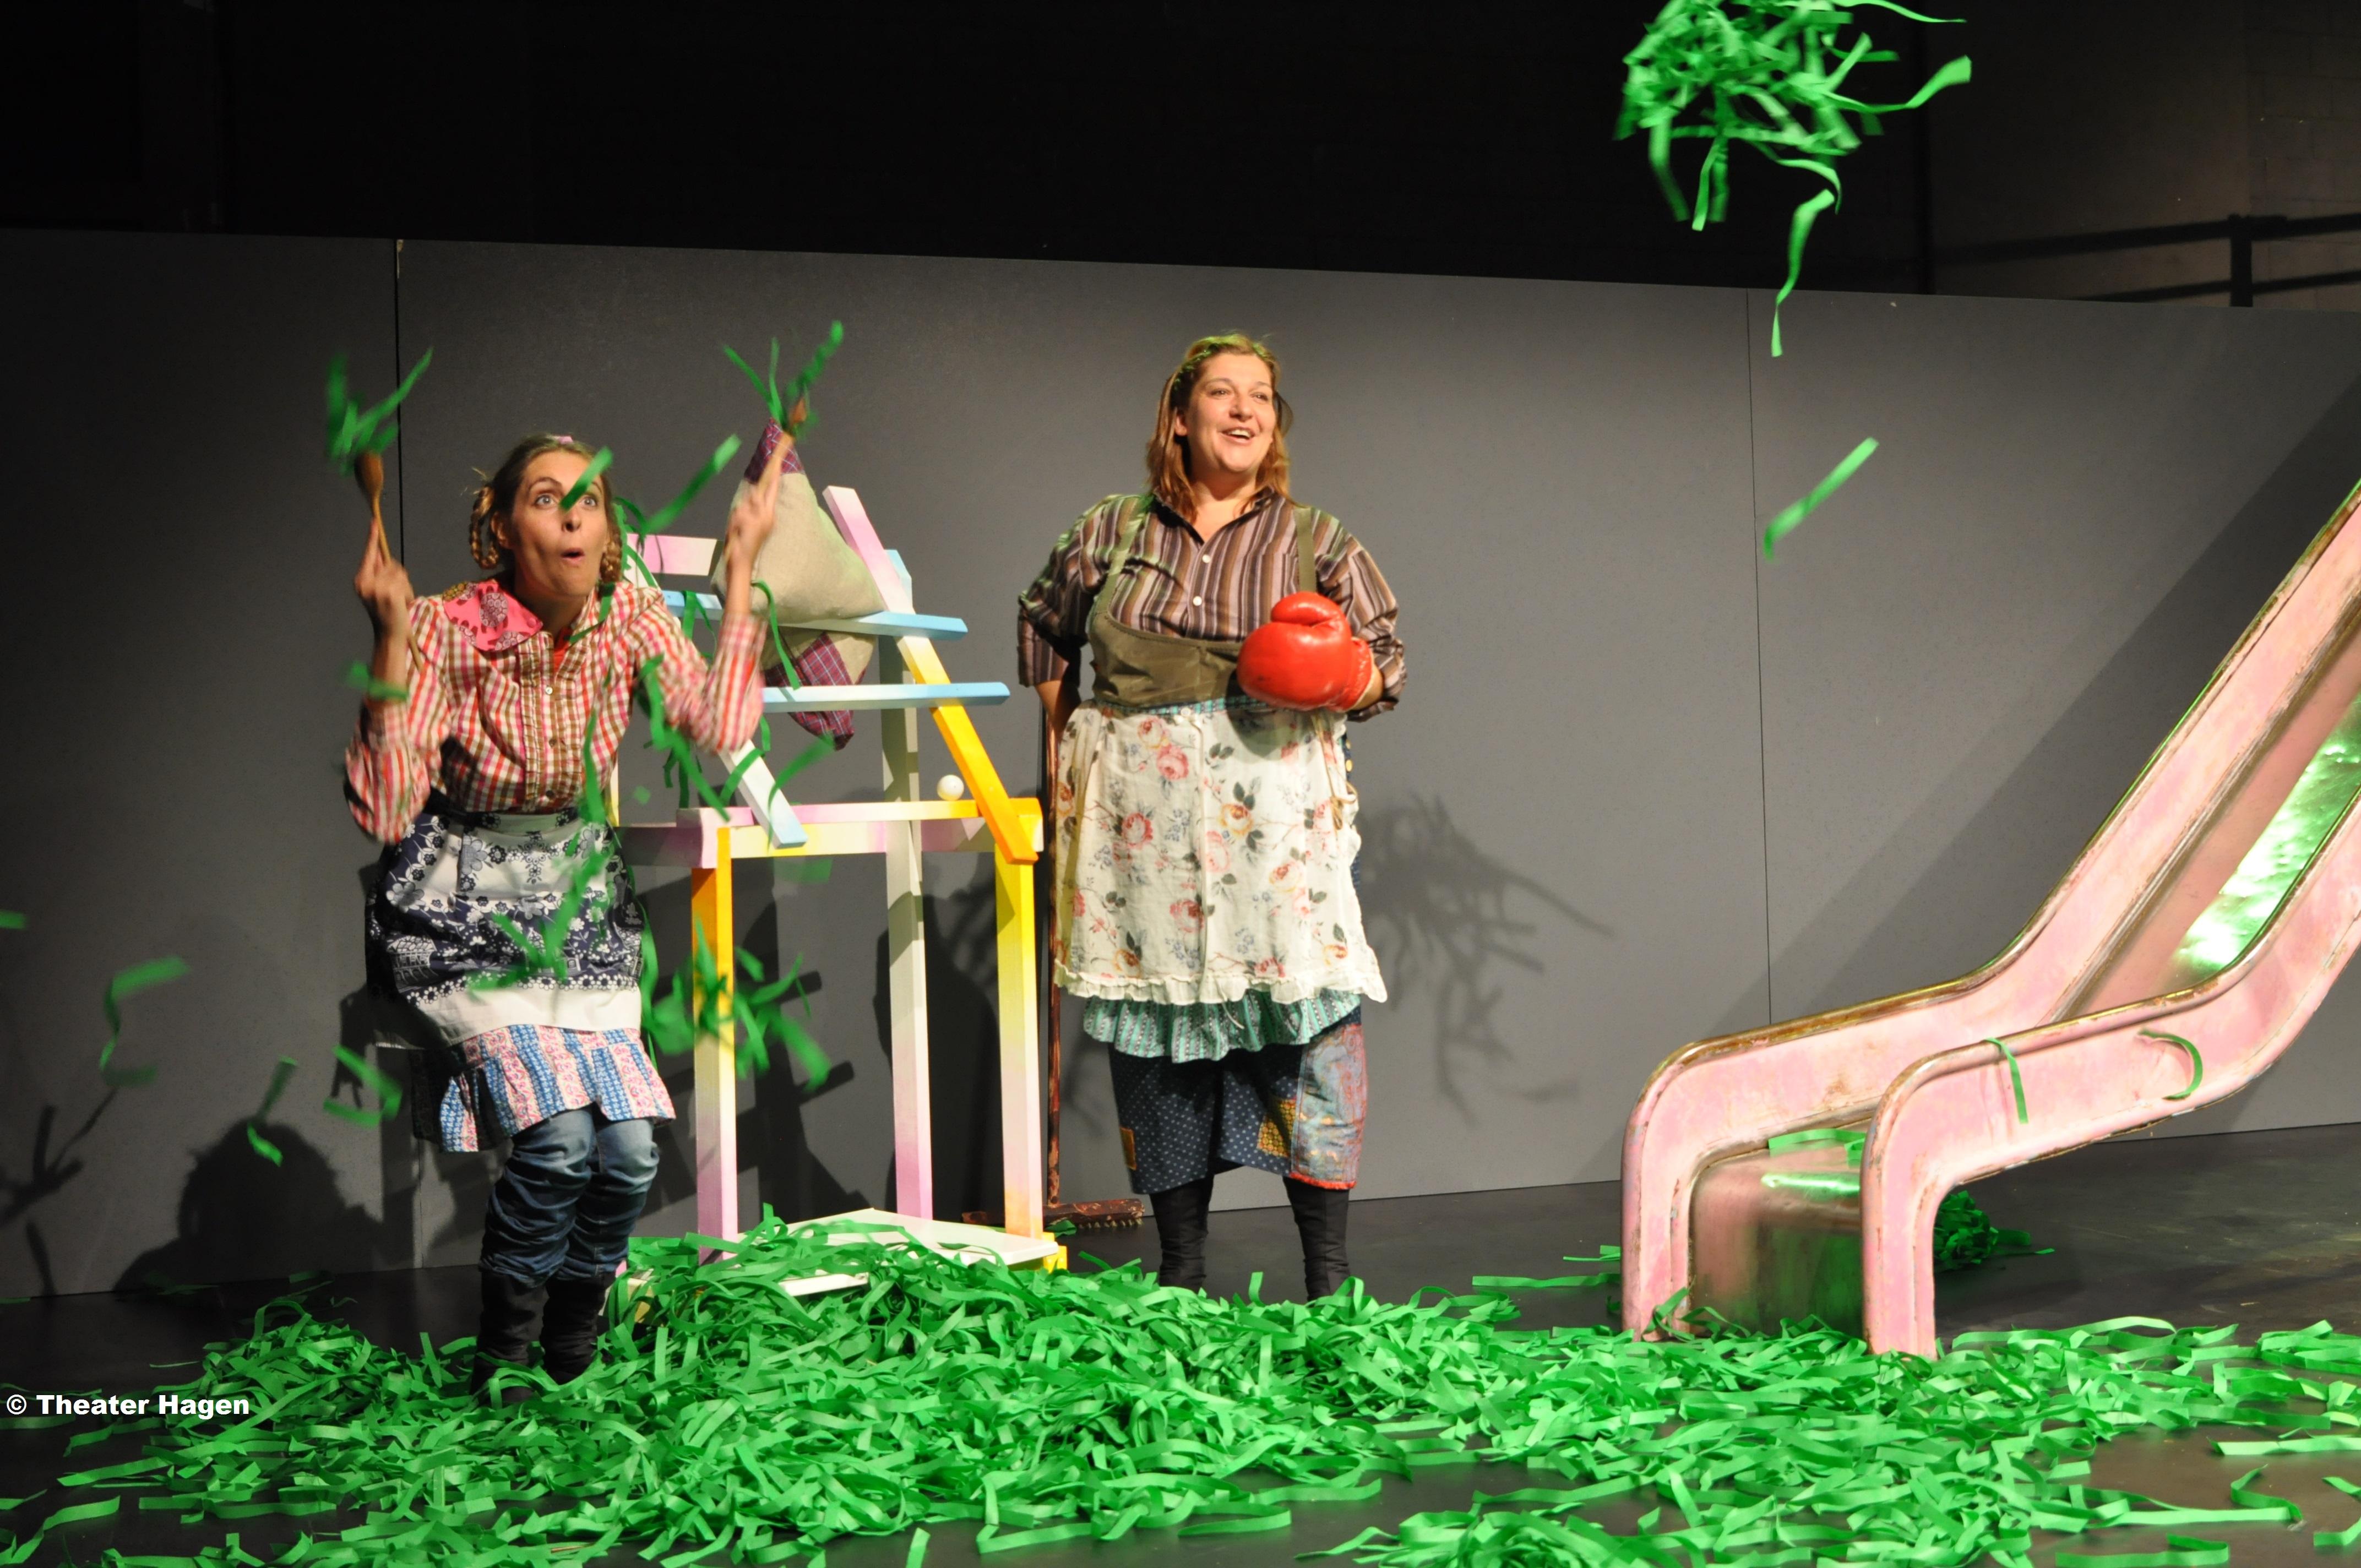 Die Kuh Rosmarie – Ein tierisches Theaterabenteuer